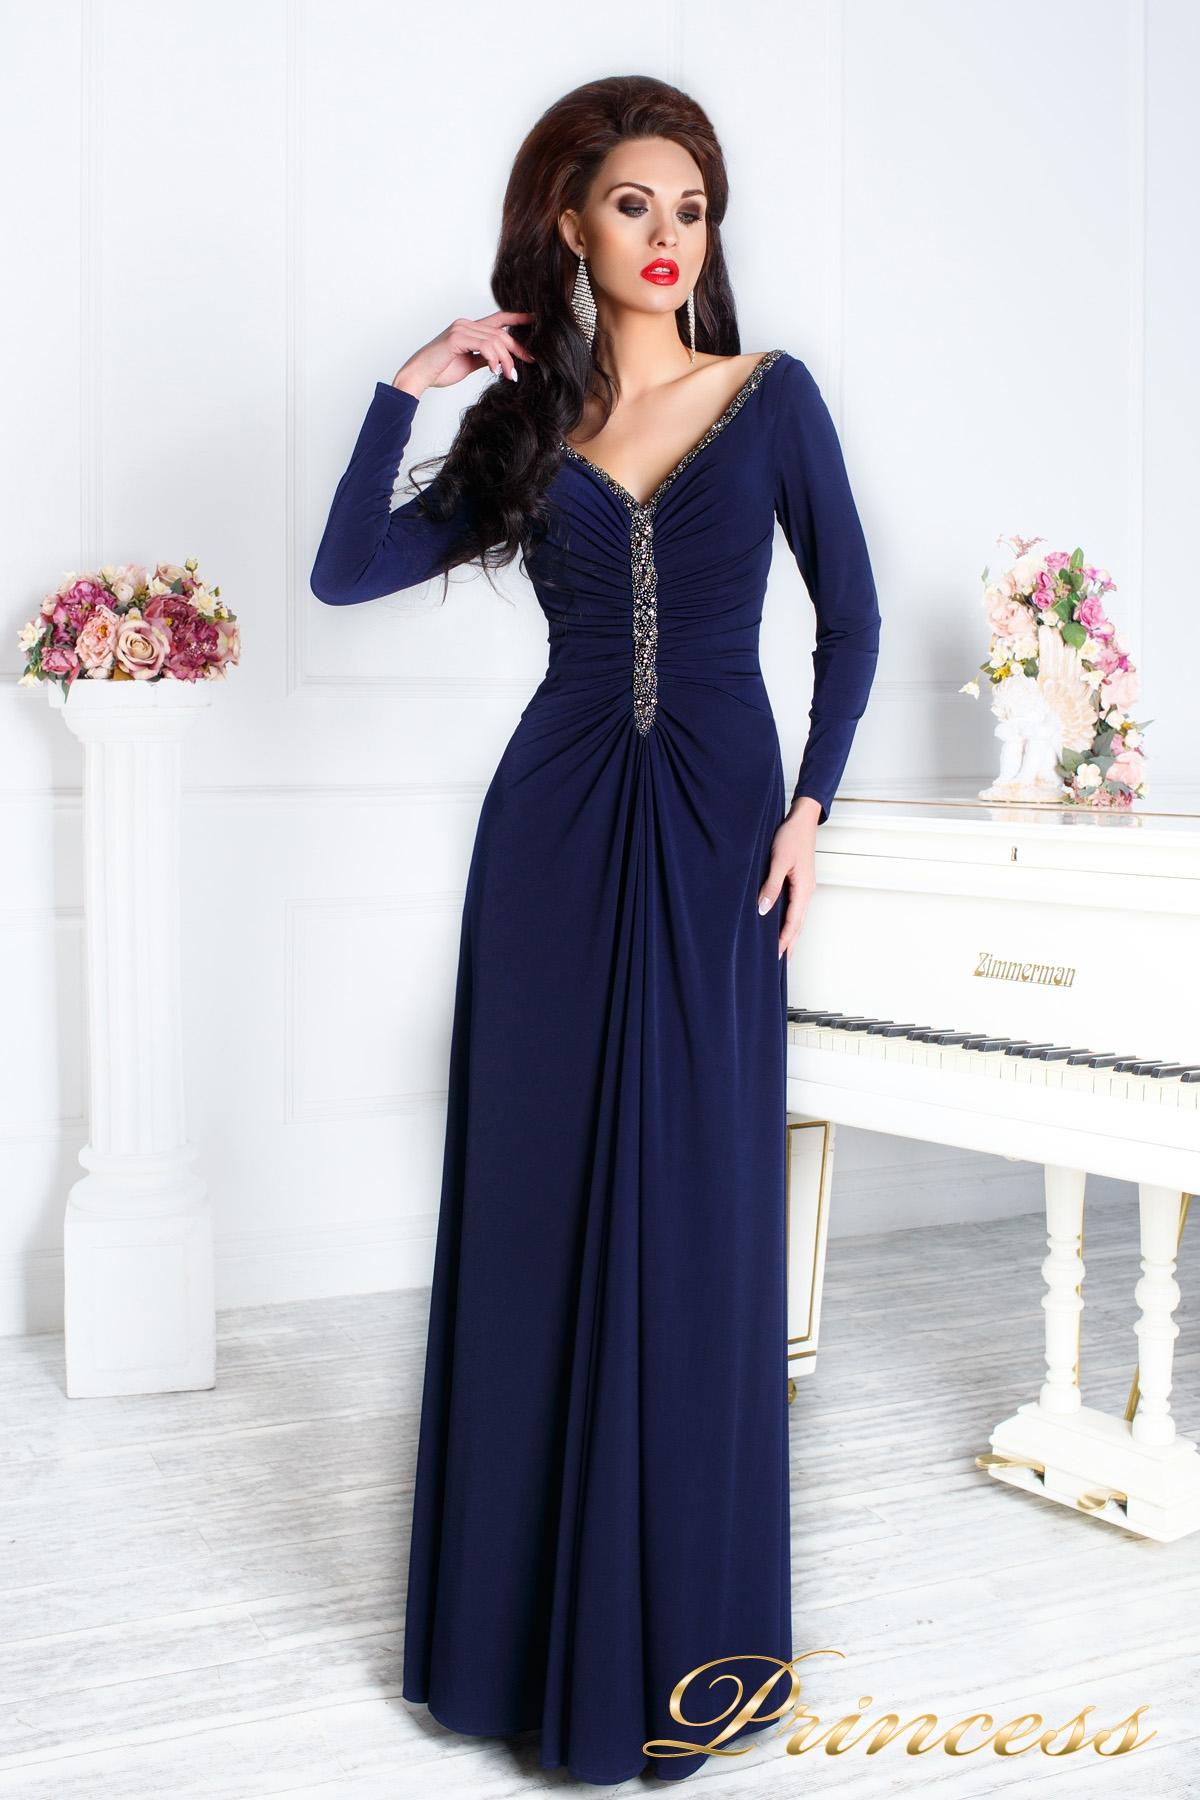 Сайт вечерних платьев купить